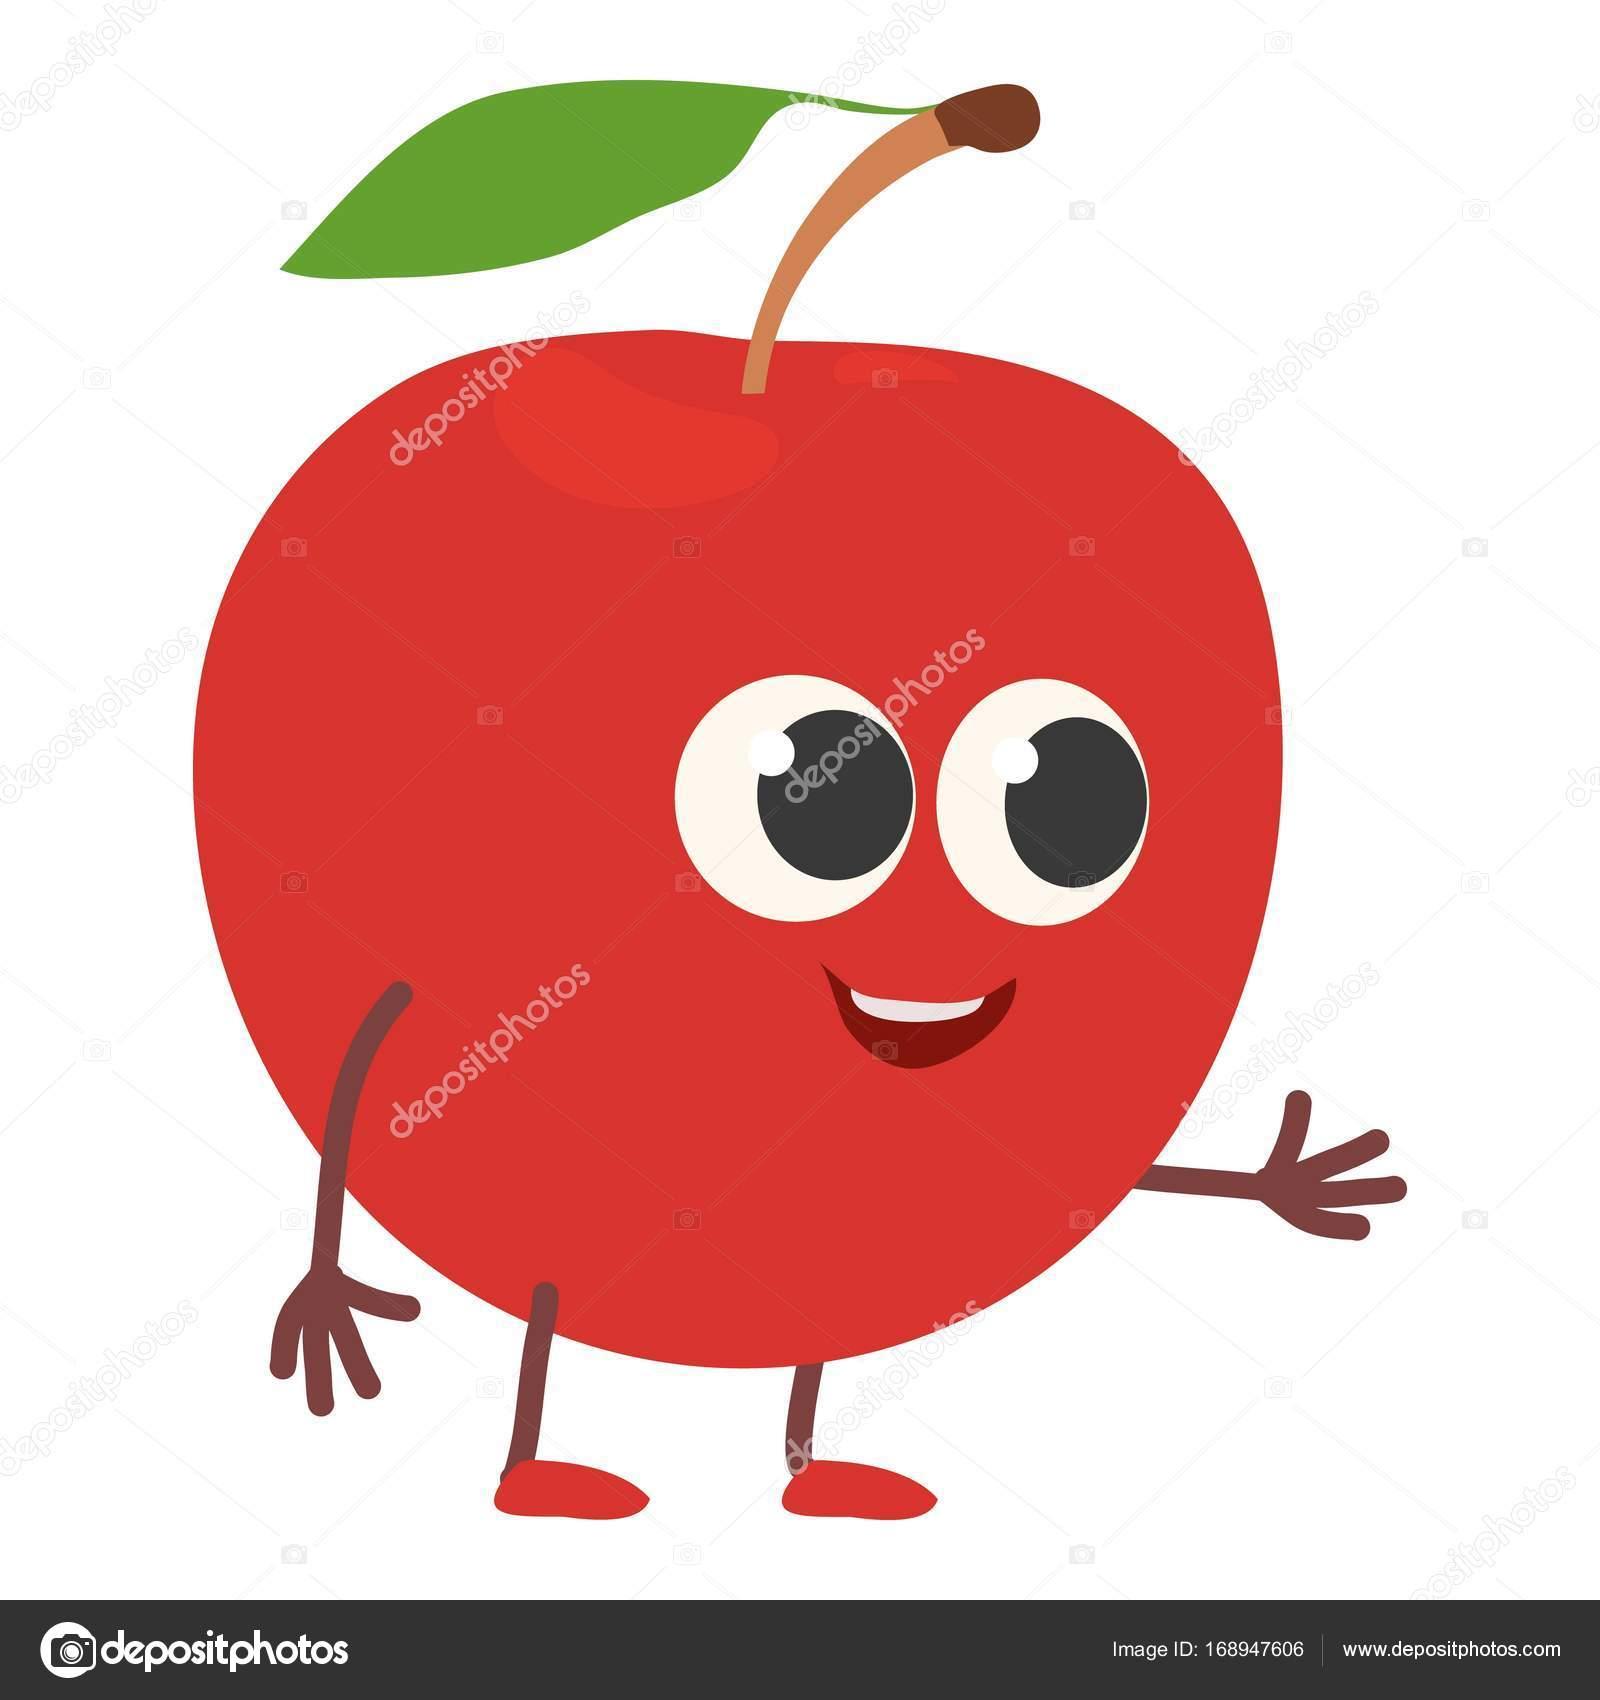 Elma simgesi, karikatür tarzı — Stok Vektör © ylivdesign #168947606